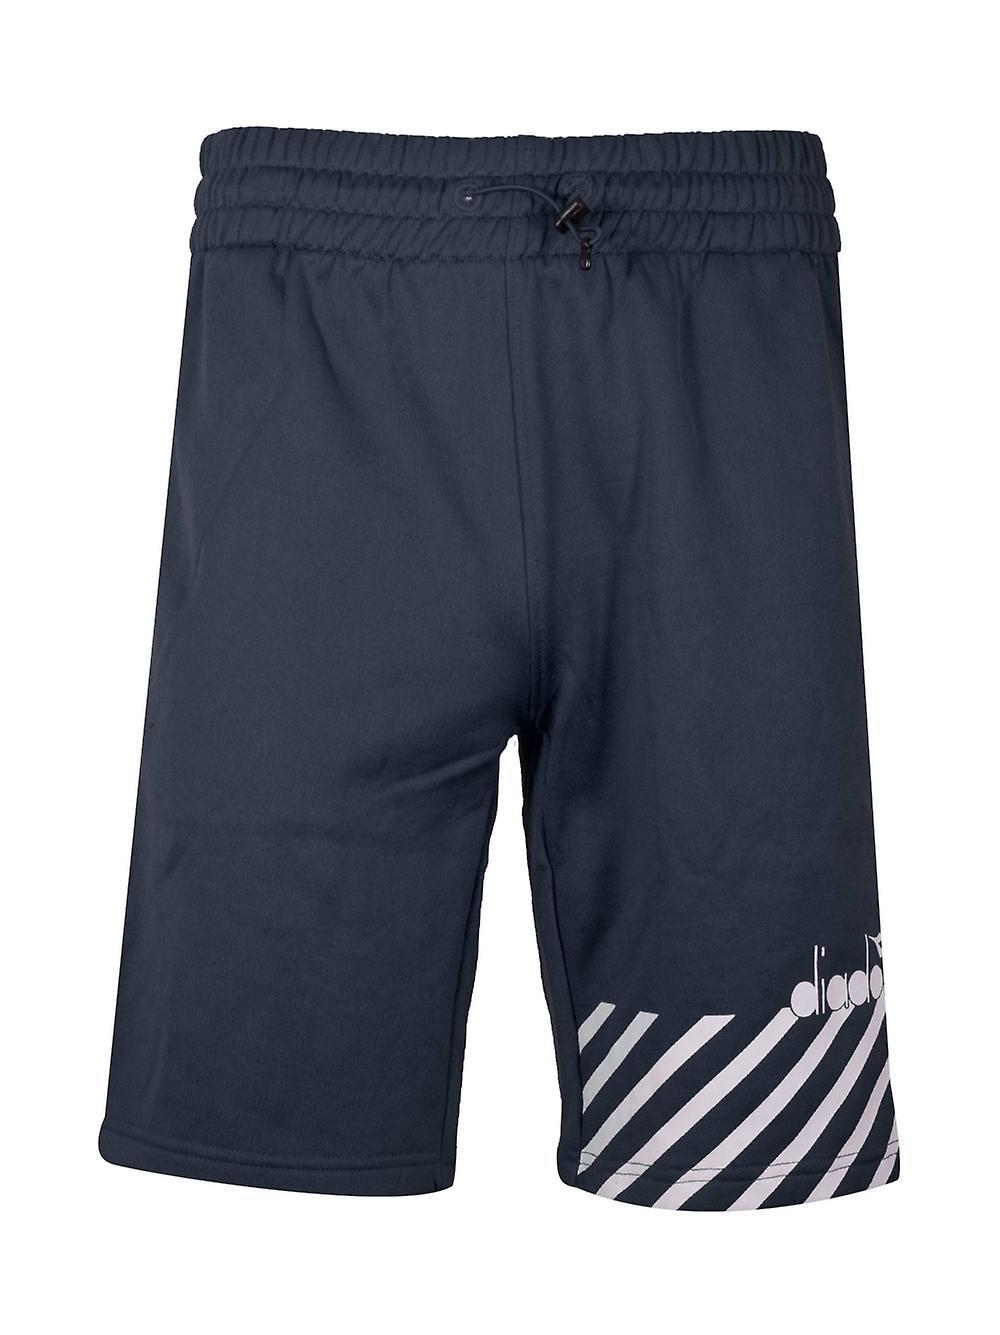 Diadora Diadora Navy Shorts Polyester